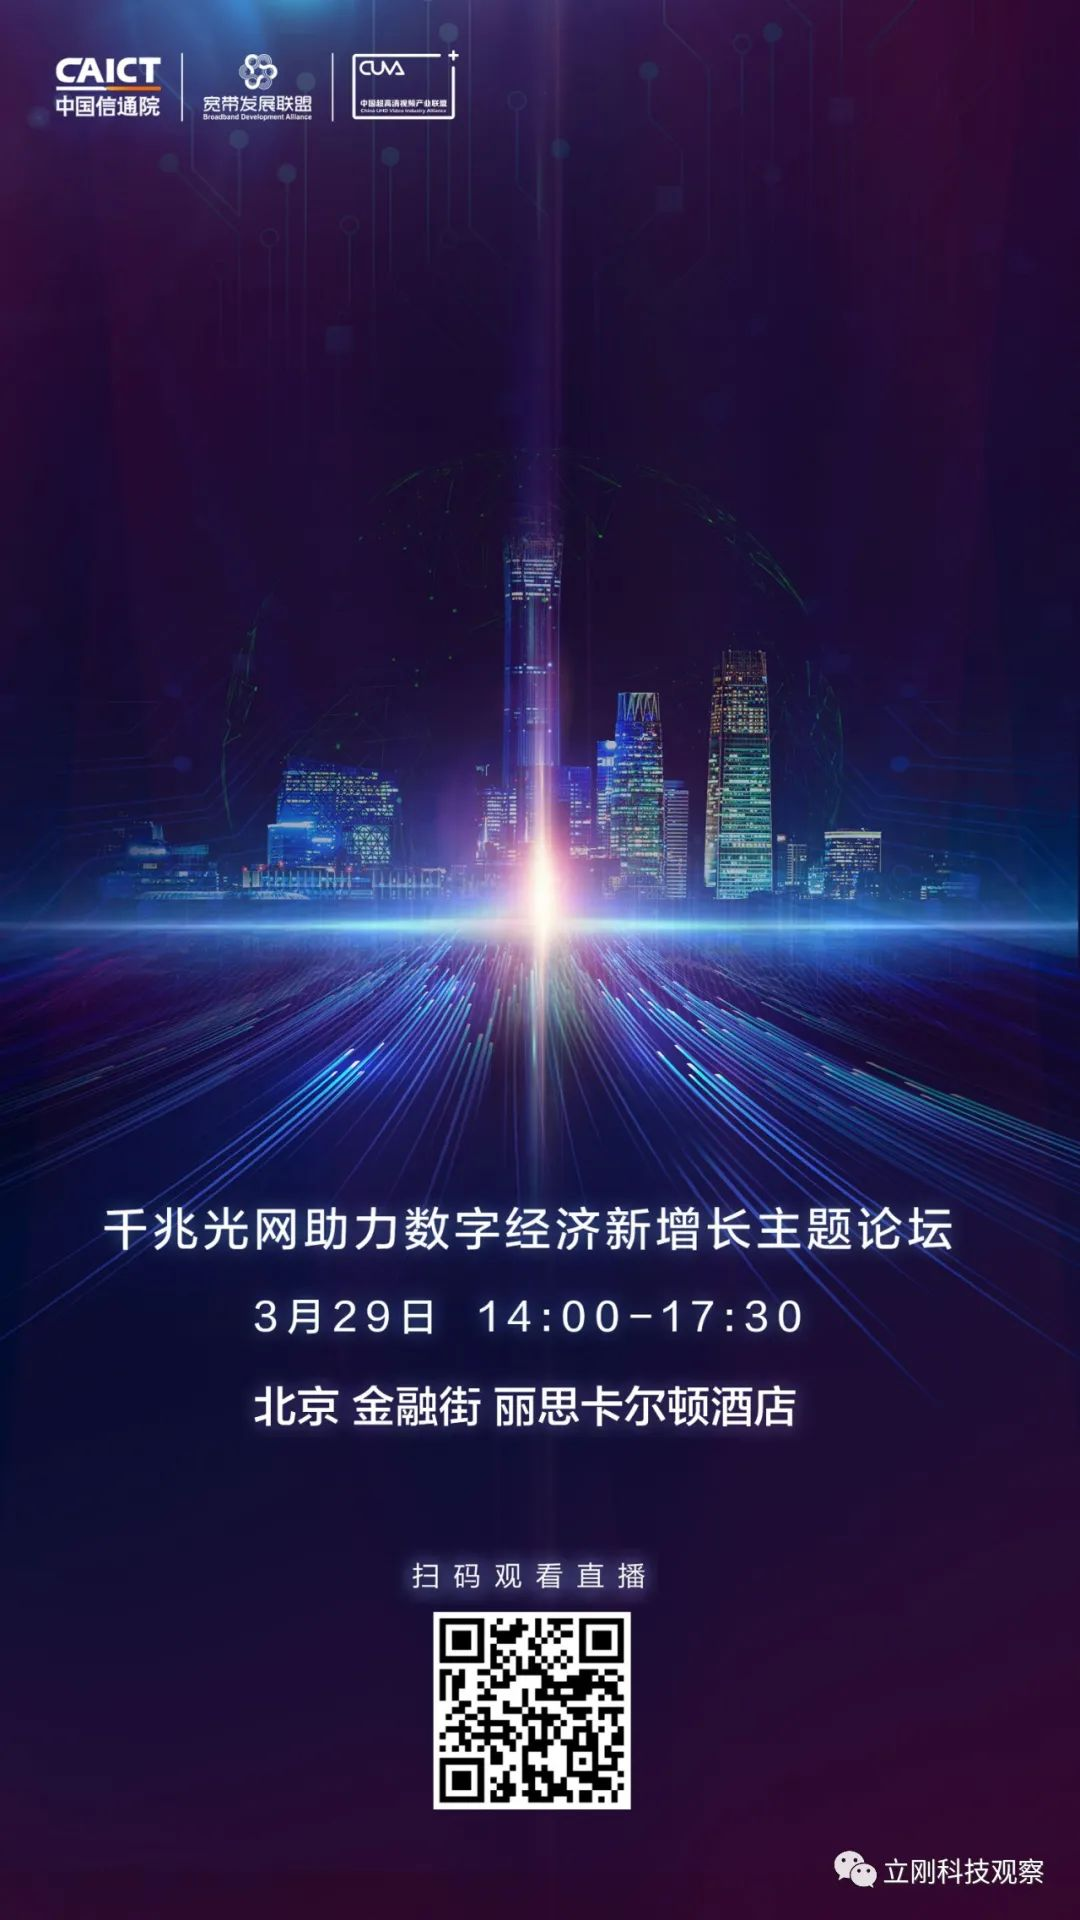 F5G千兆光网+5G双轮驱动构建数字经济坚实底座